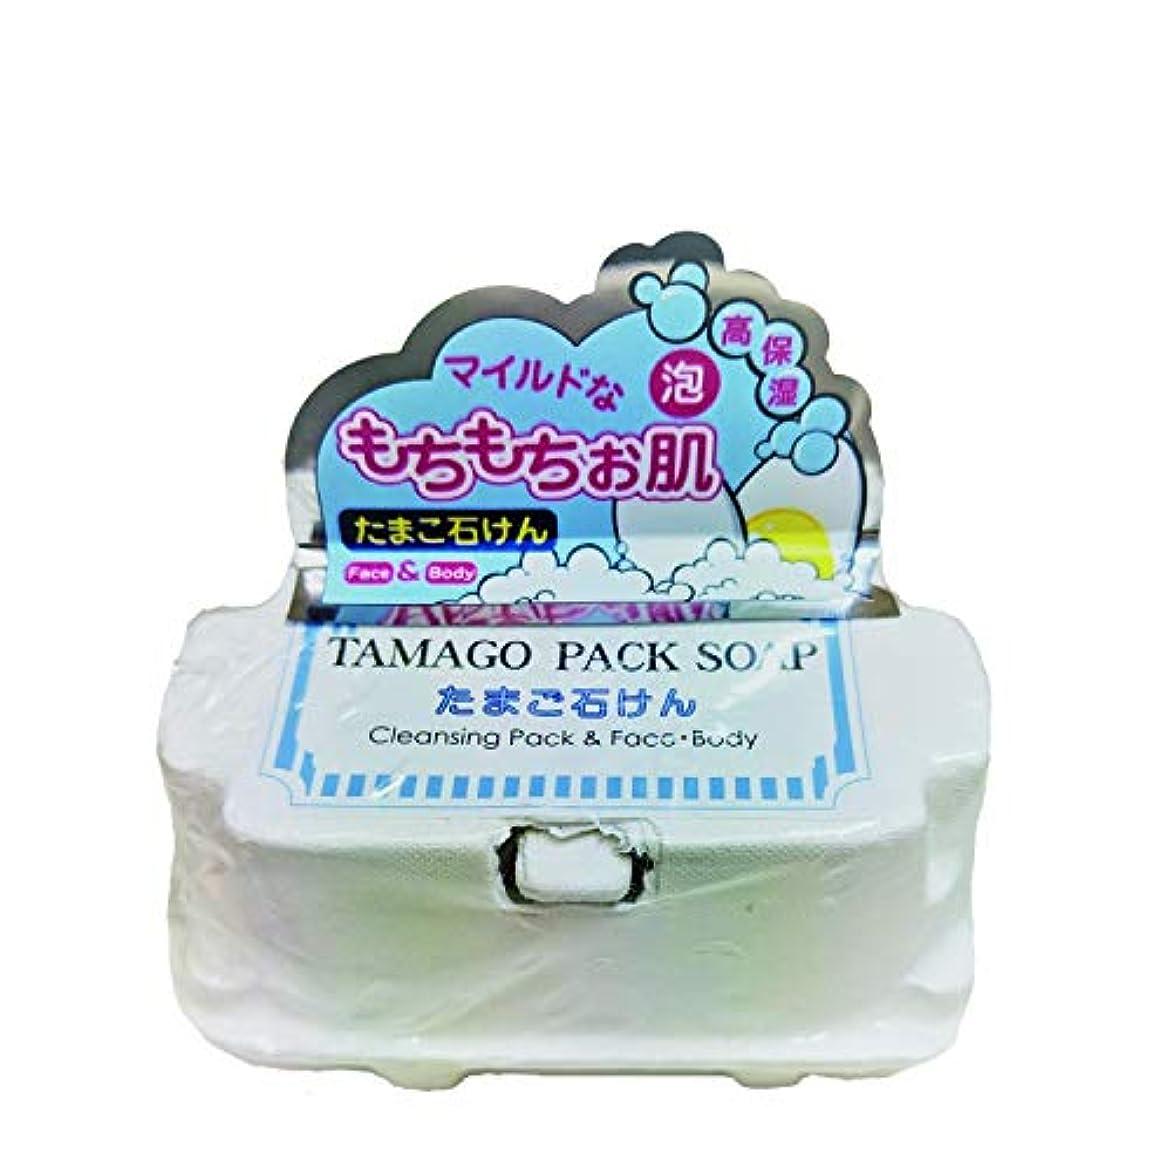 に対処する健全ワットシンビジャパン たまご石けん TAMAGO PACK SOAP フェイス?ボディ用 50g×2個入